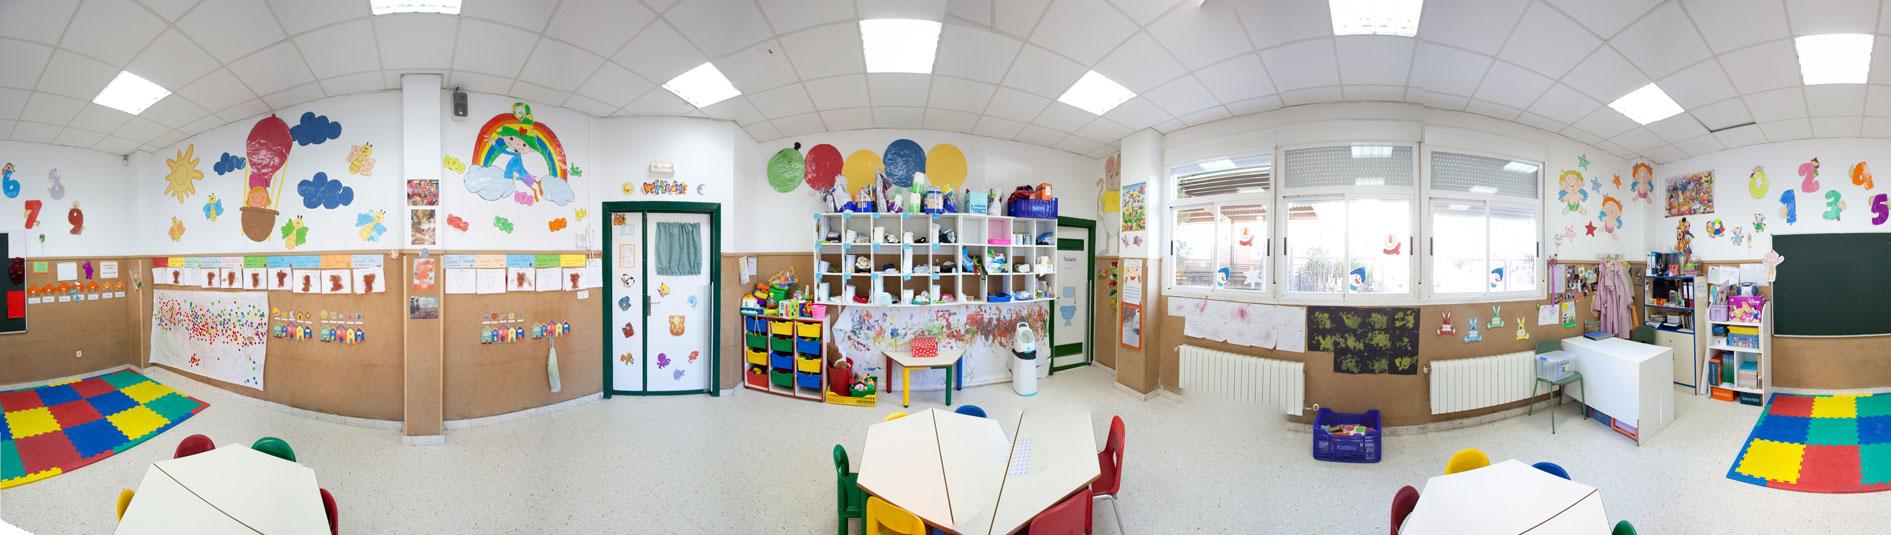 Colegio el valle valdebernardo visita virtual for Riesgos laborales en una oficina